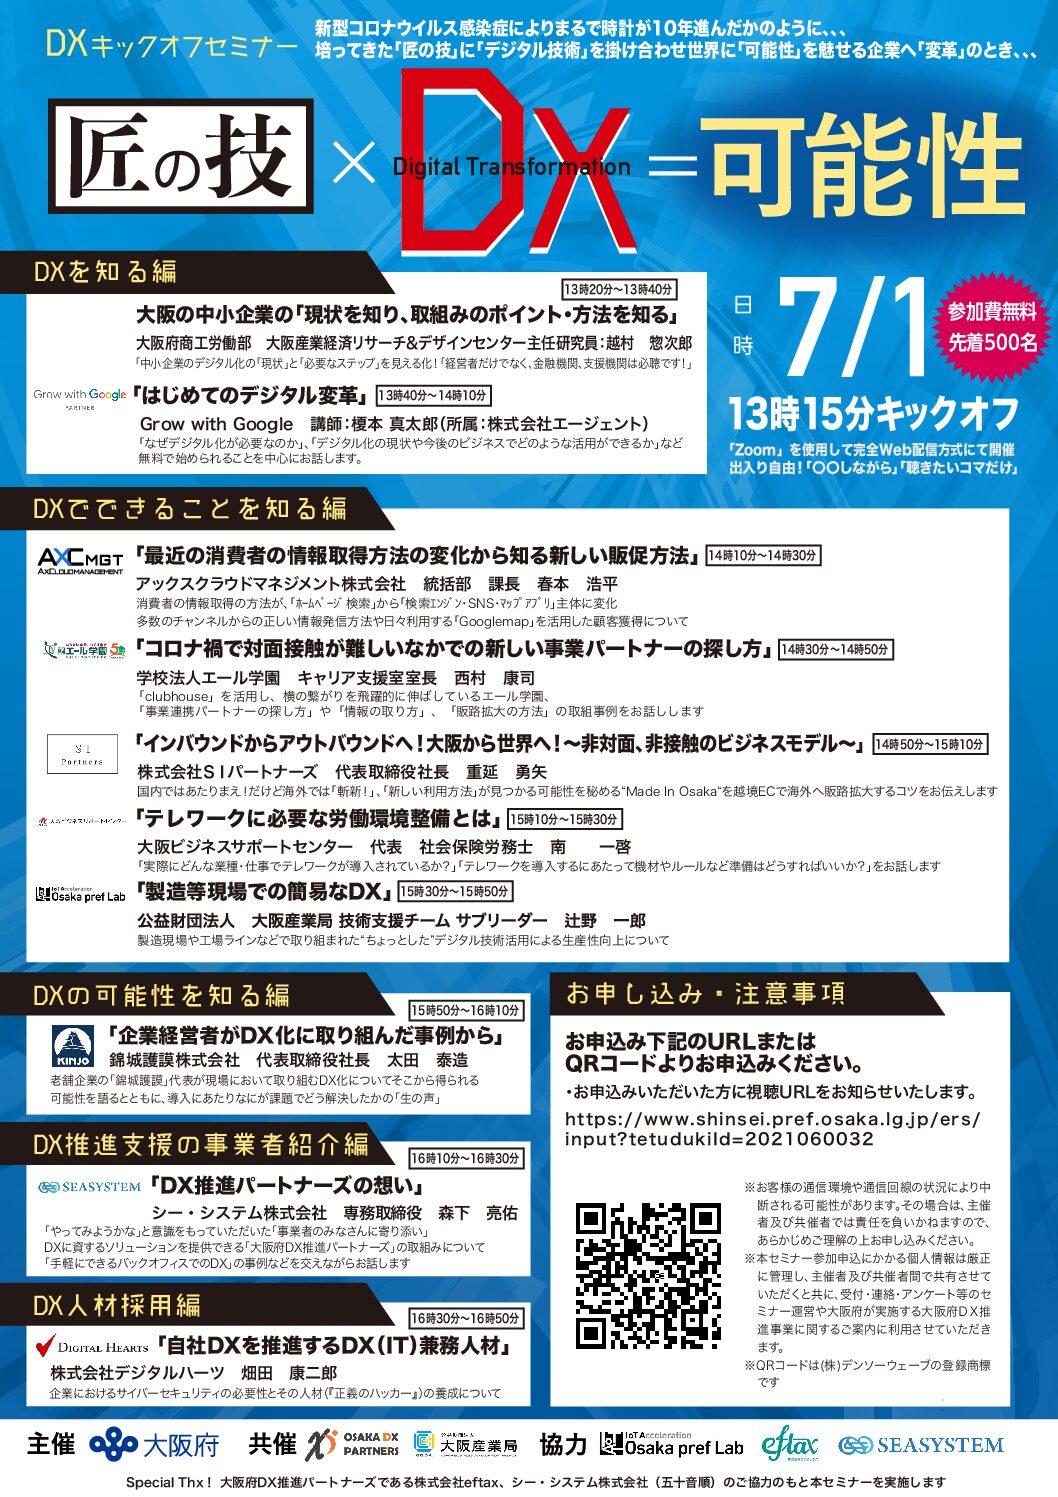 大阪府主催DXウェビナー「匠の技×DX=可能性」へ弊社代表が登壇いたします